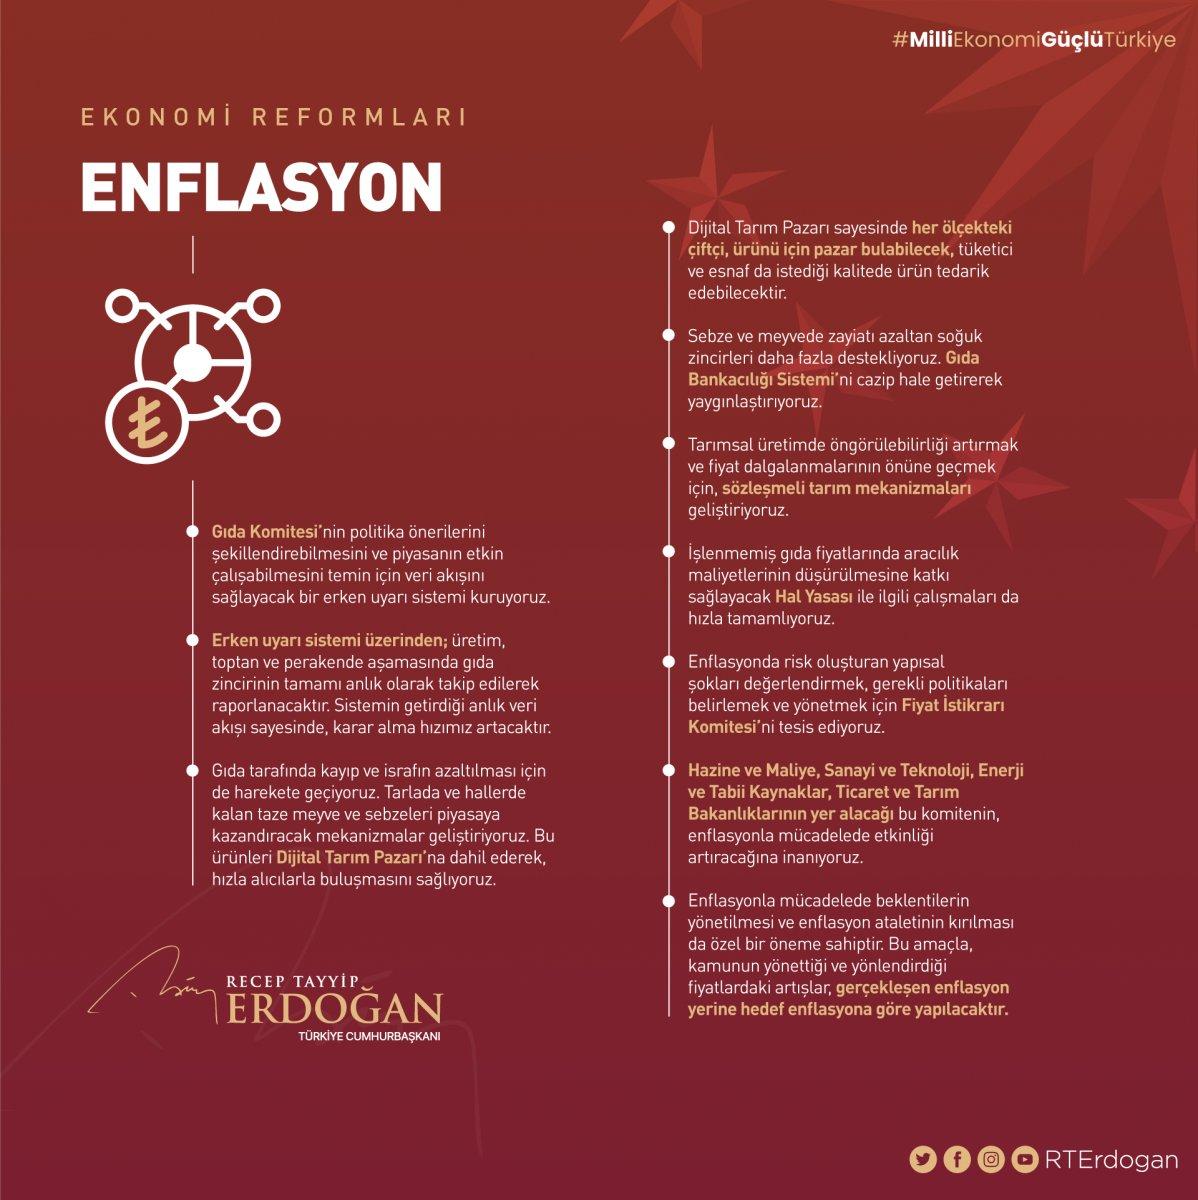 Cumhurbaşkanı Erdoğan ın açıkladığı ekonomi reformu paketi #19